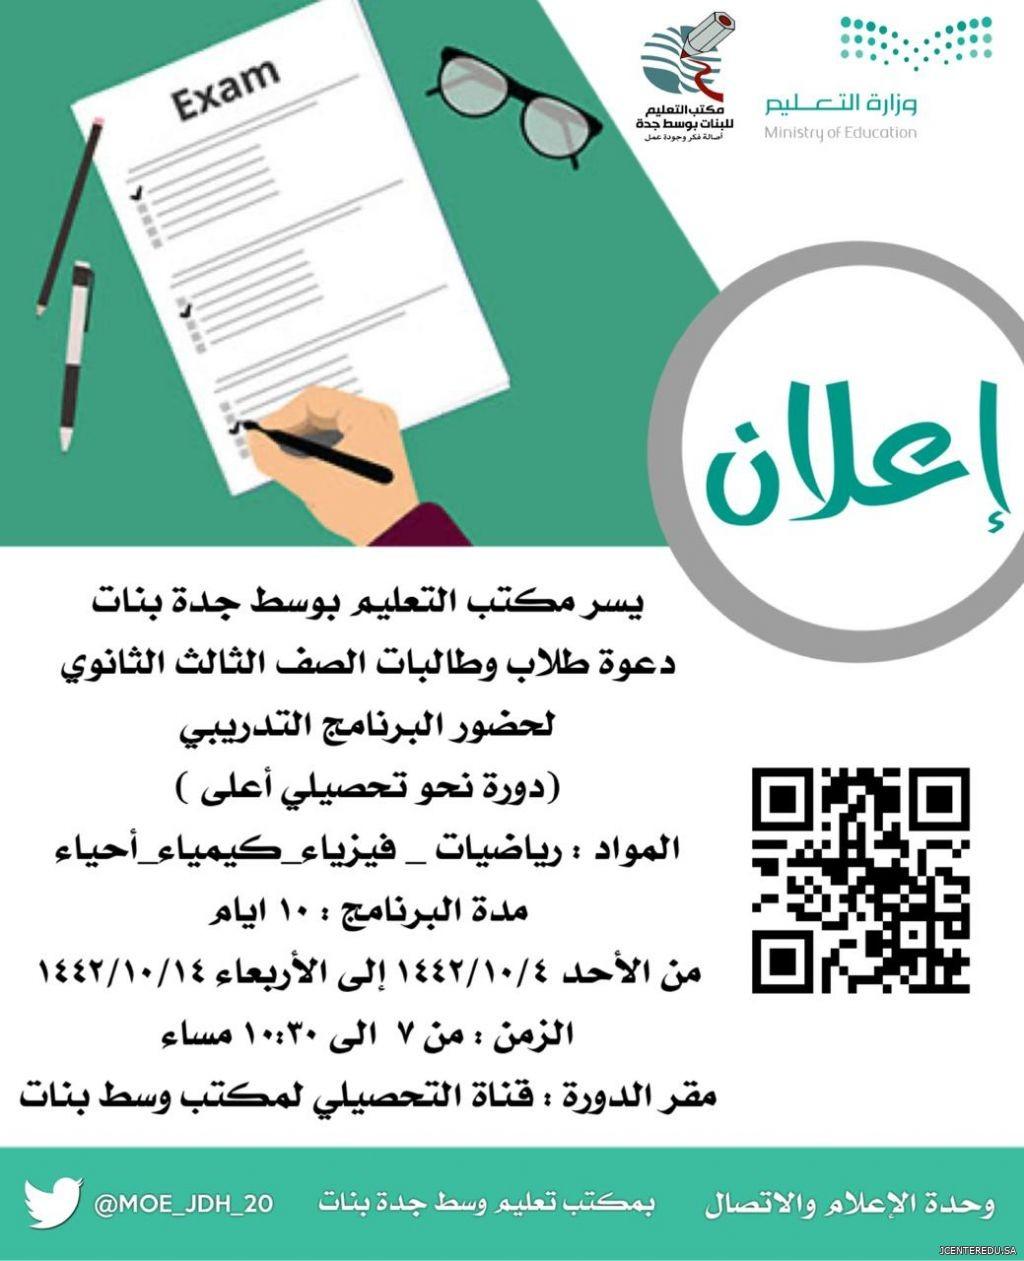 اعلان لحضور البرنامج التدريبي للطلاب و الطالبات